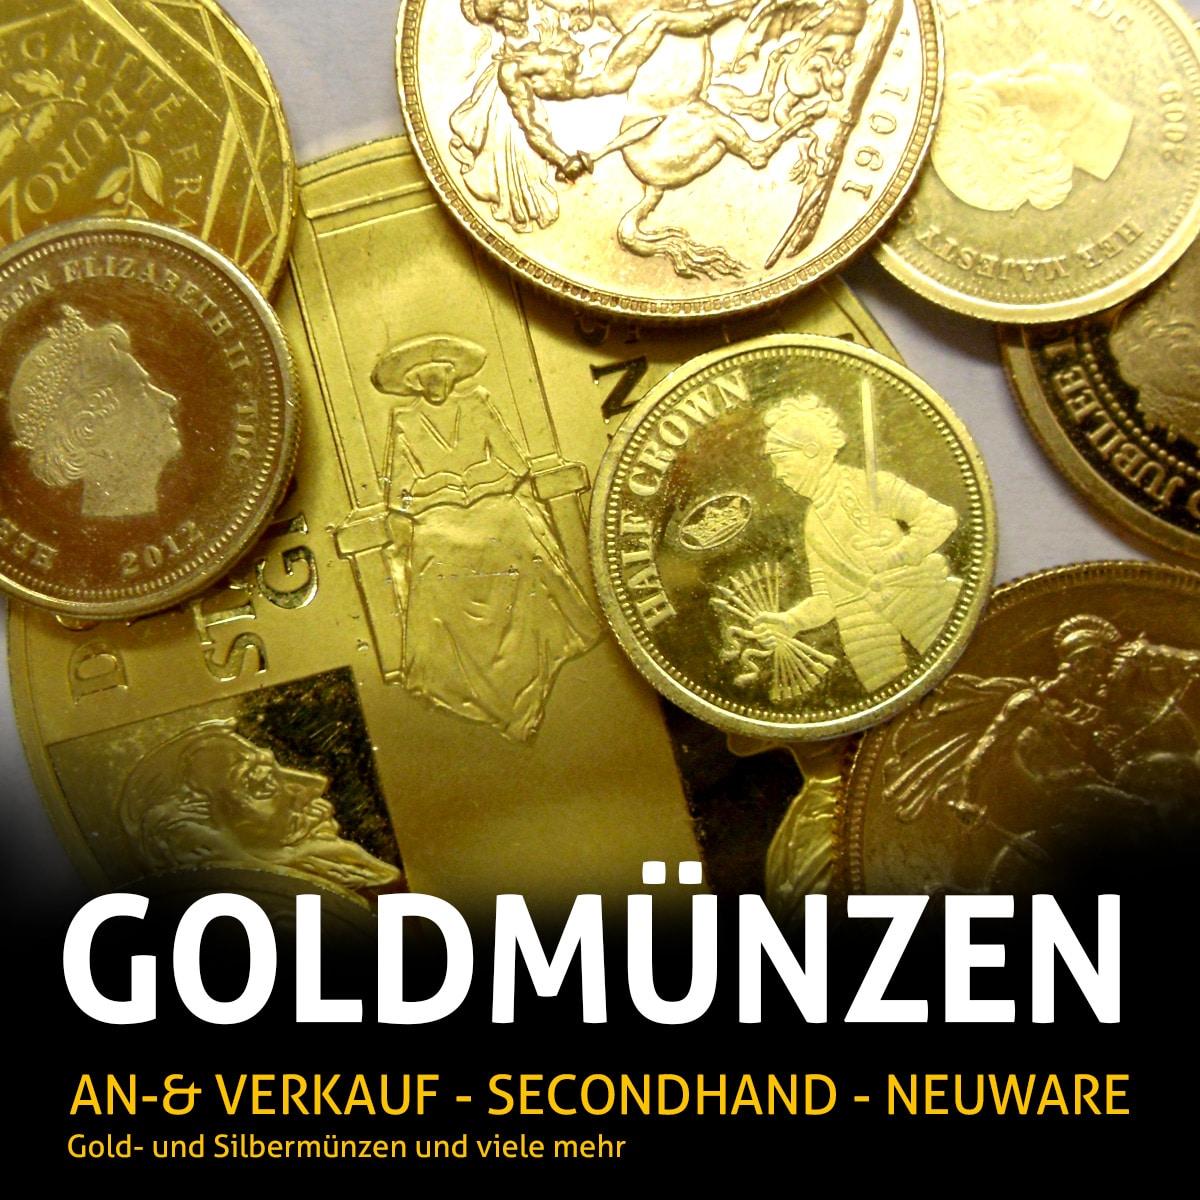 An- und Verkauf von Gold- und Silbermünzen